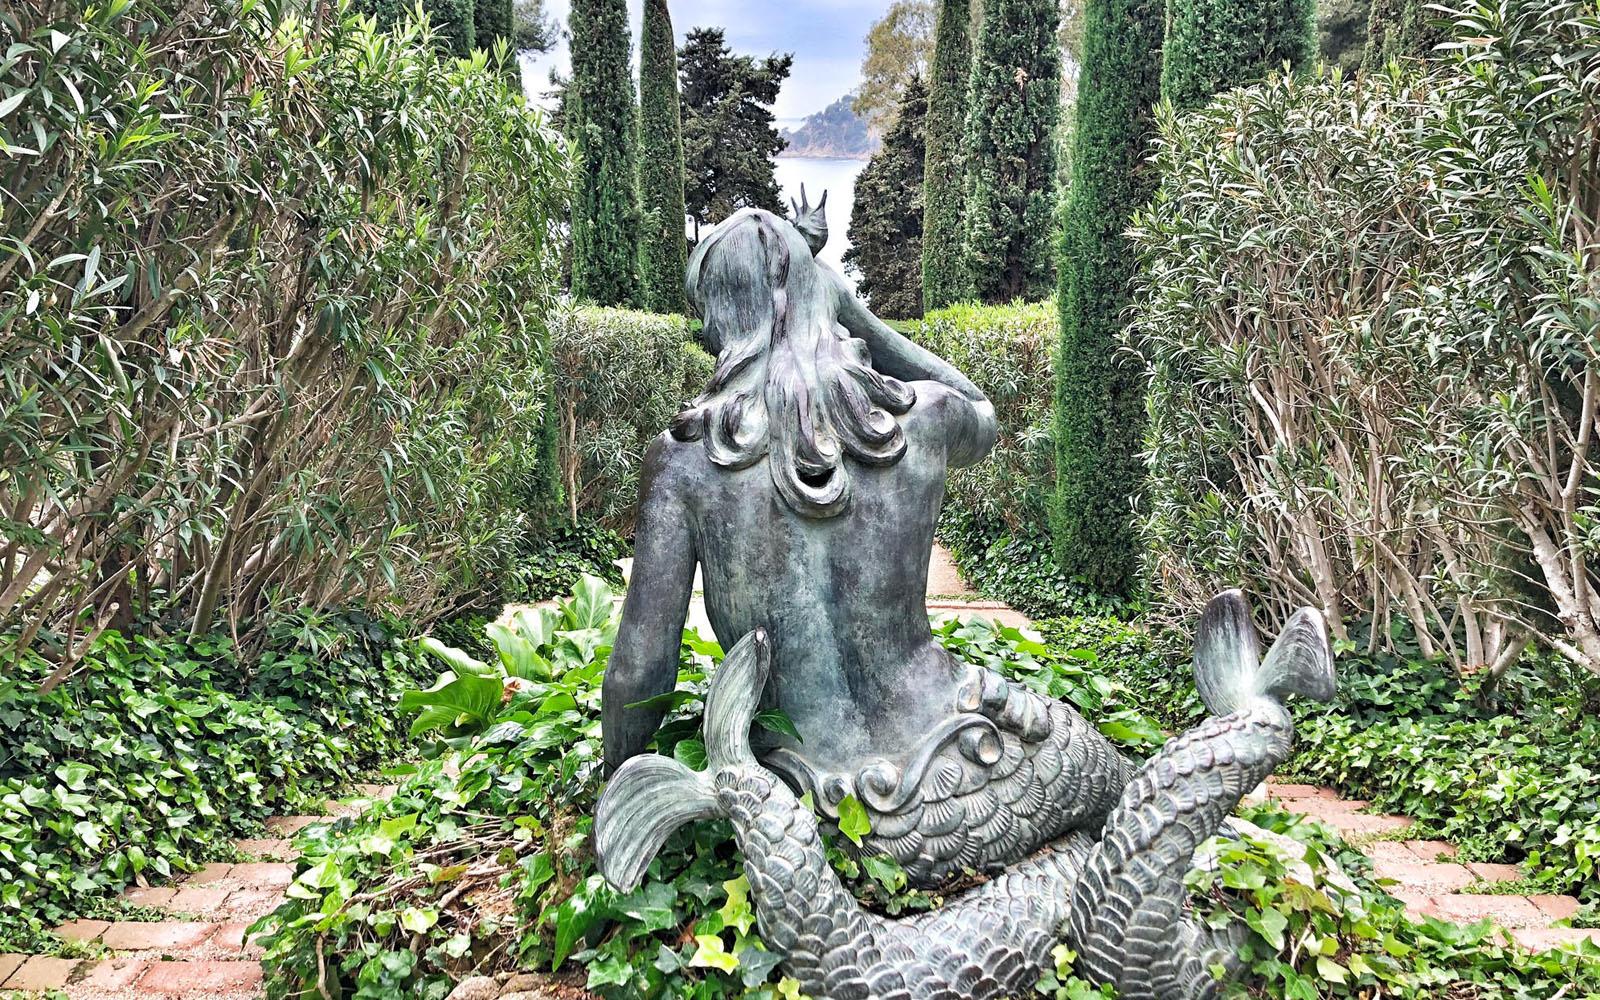 La statua in metallo della sirena a due code, nei Giardini di Lloret de Mar. © oltreilbalcone